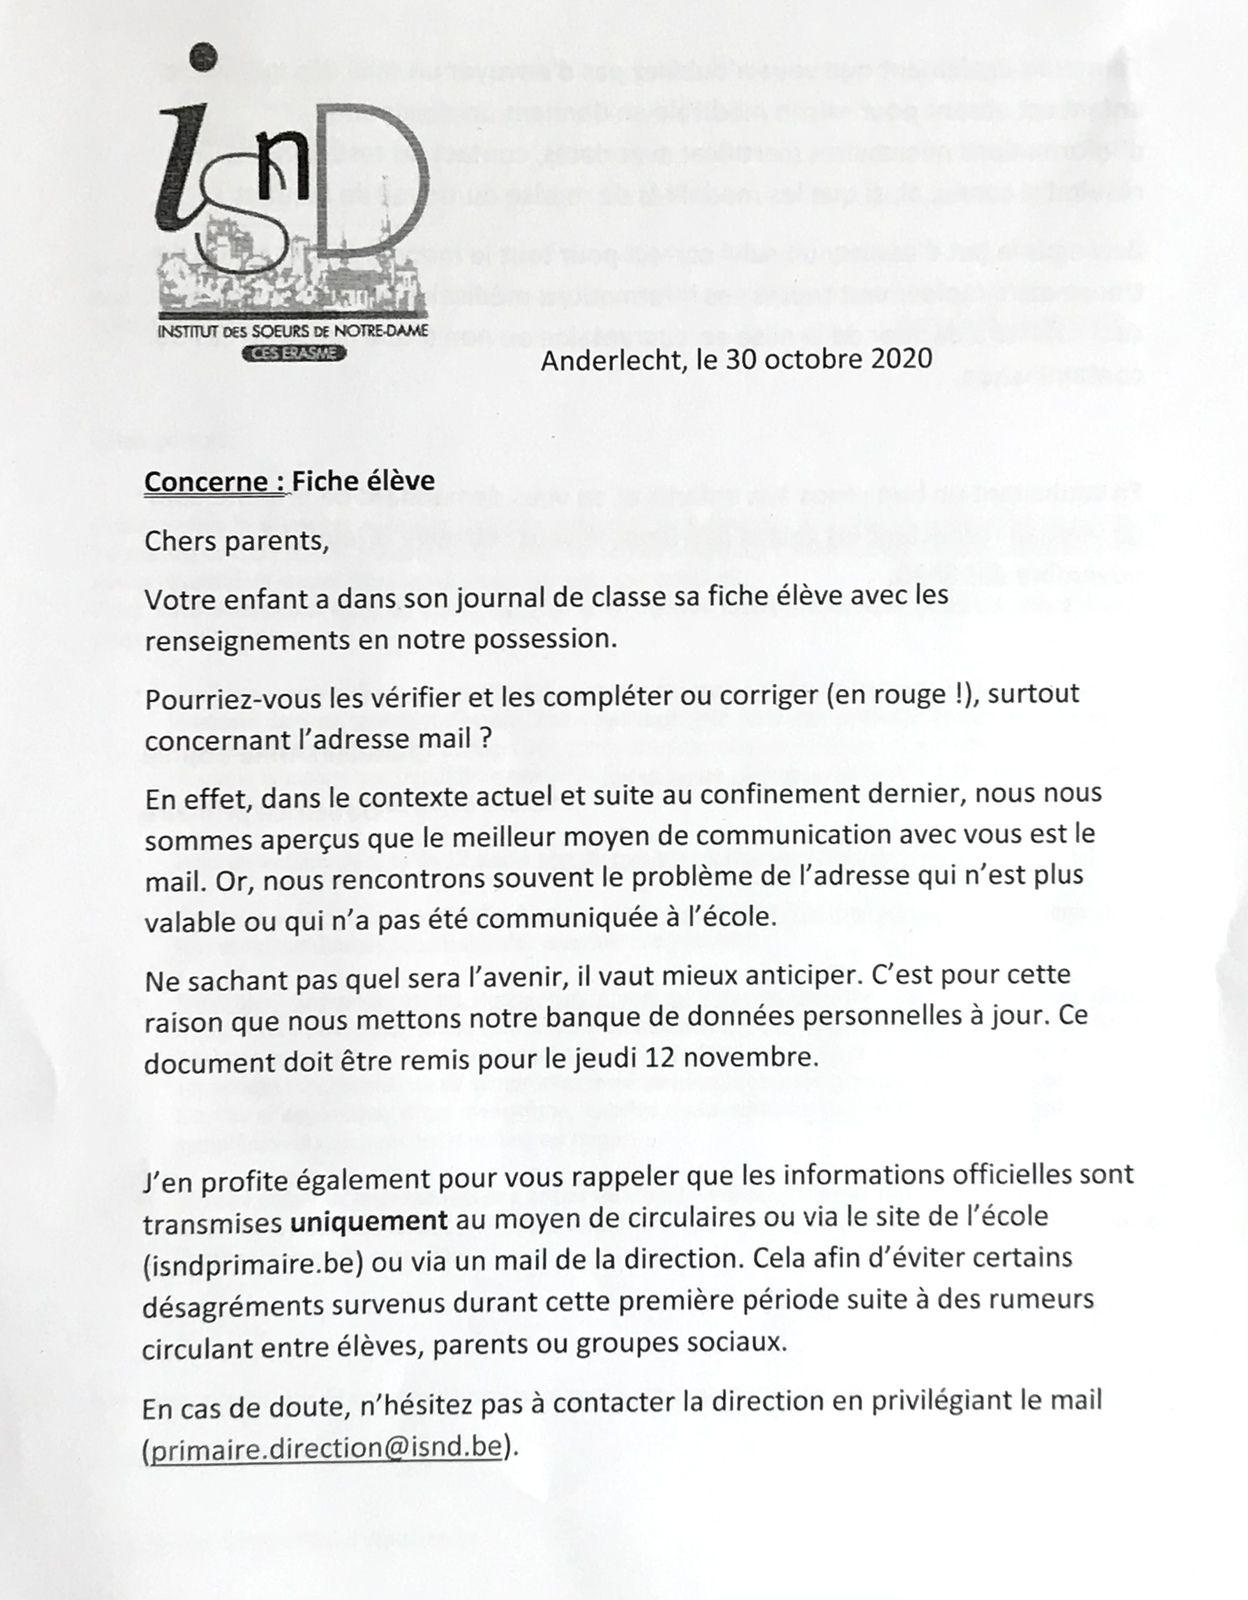 Documents et circulaires reçus ce vendredi 30 octobre